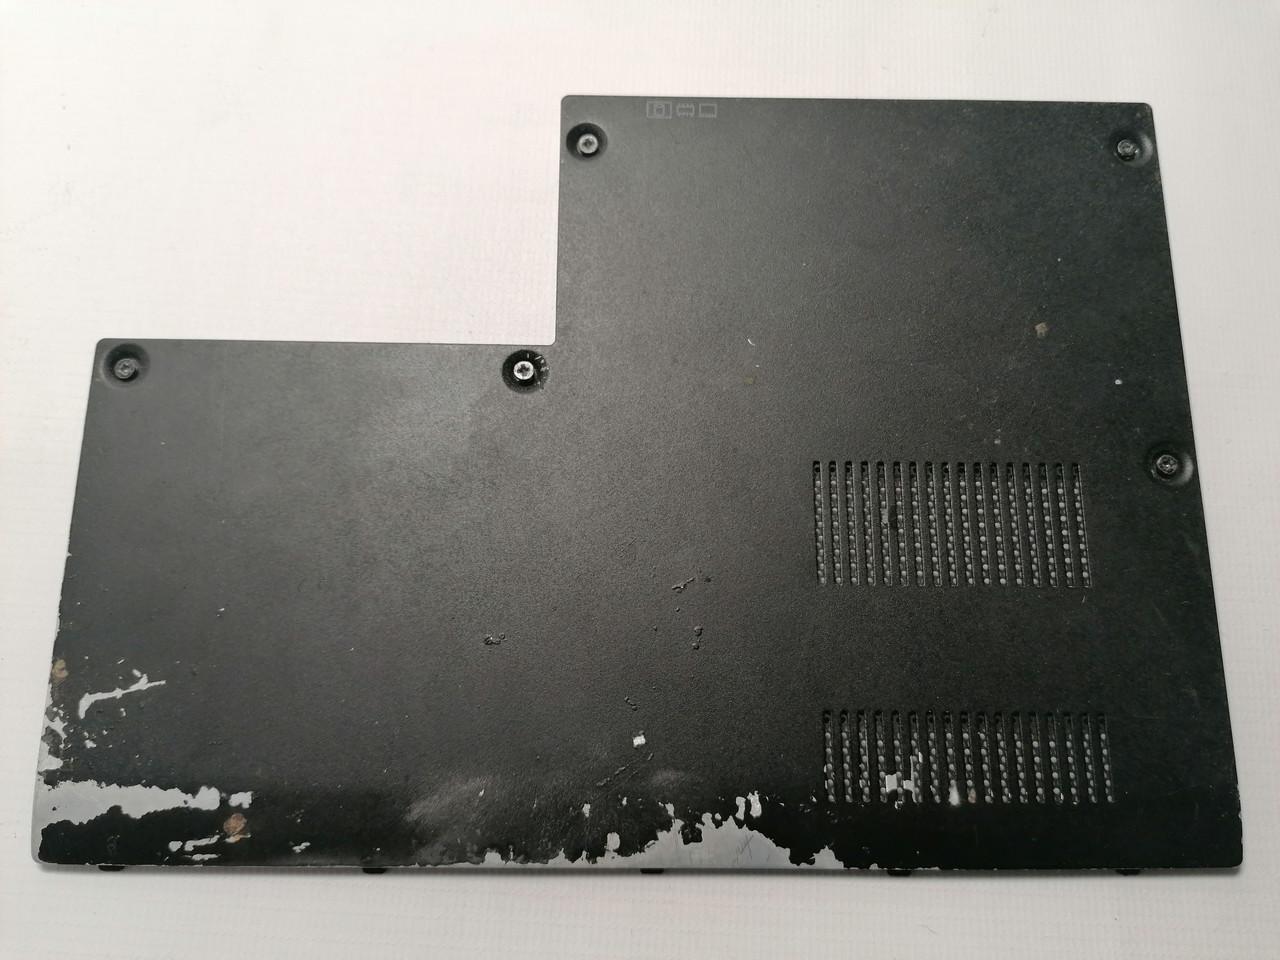 Б/У корпус сервисная крышка для LENOVO ThinkPad Edge 13, E30, E31